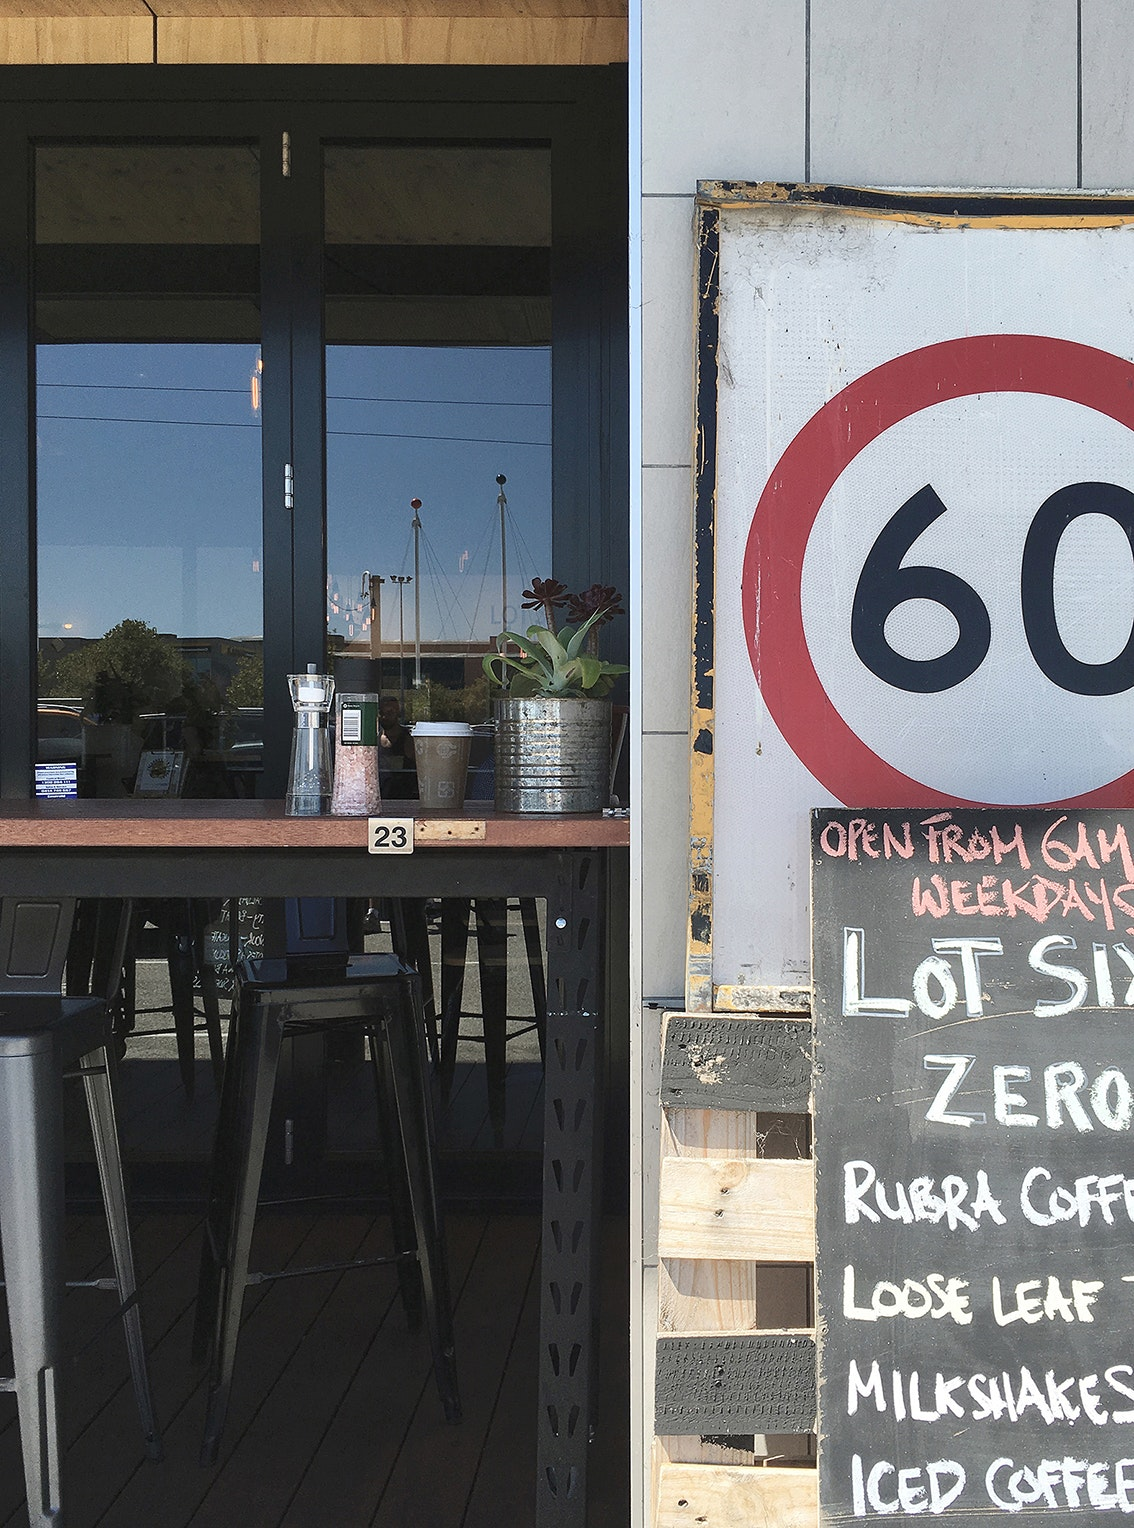 Lot Six Zero